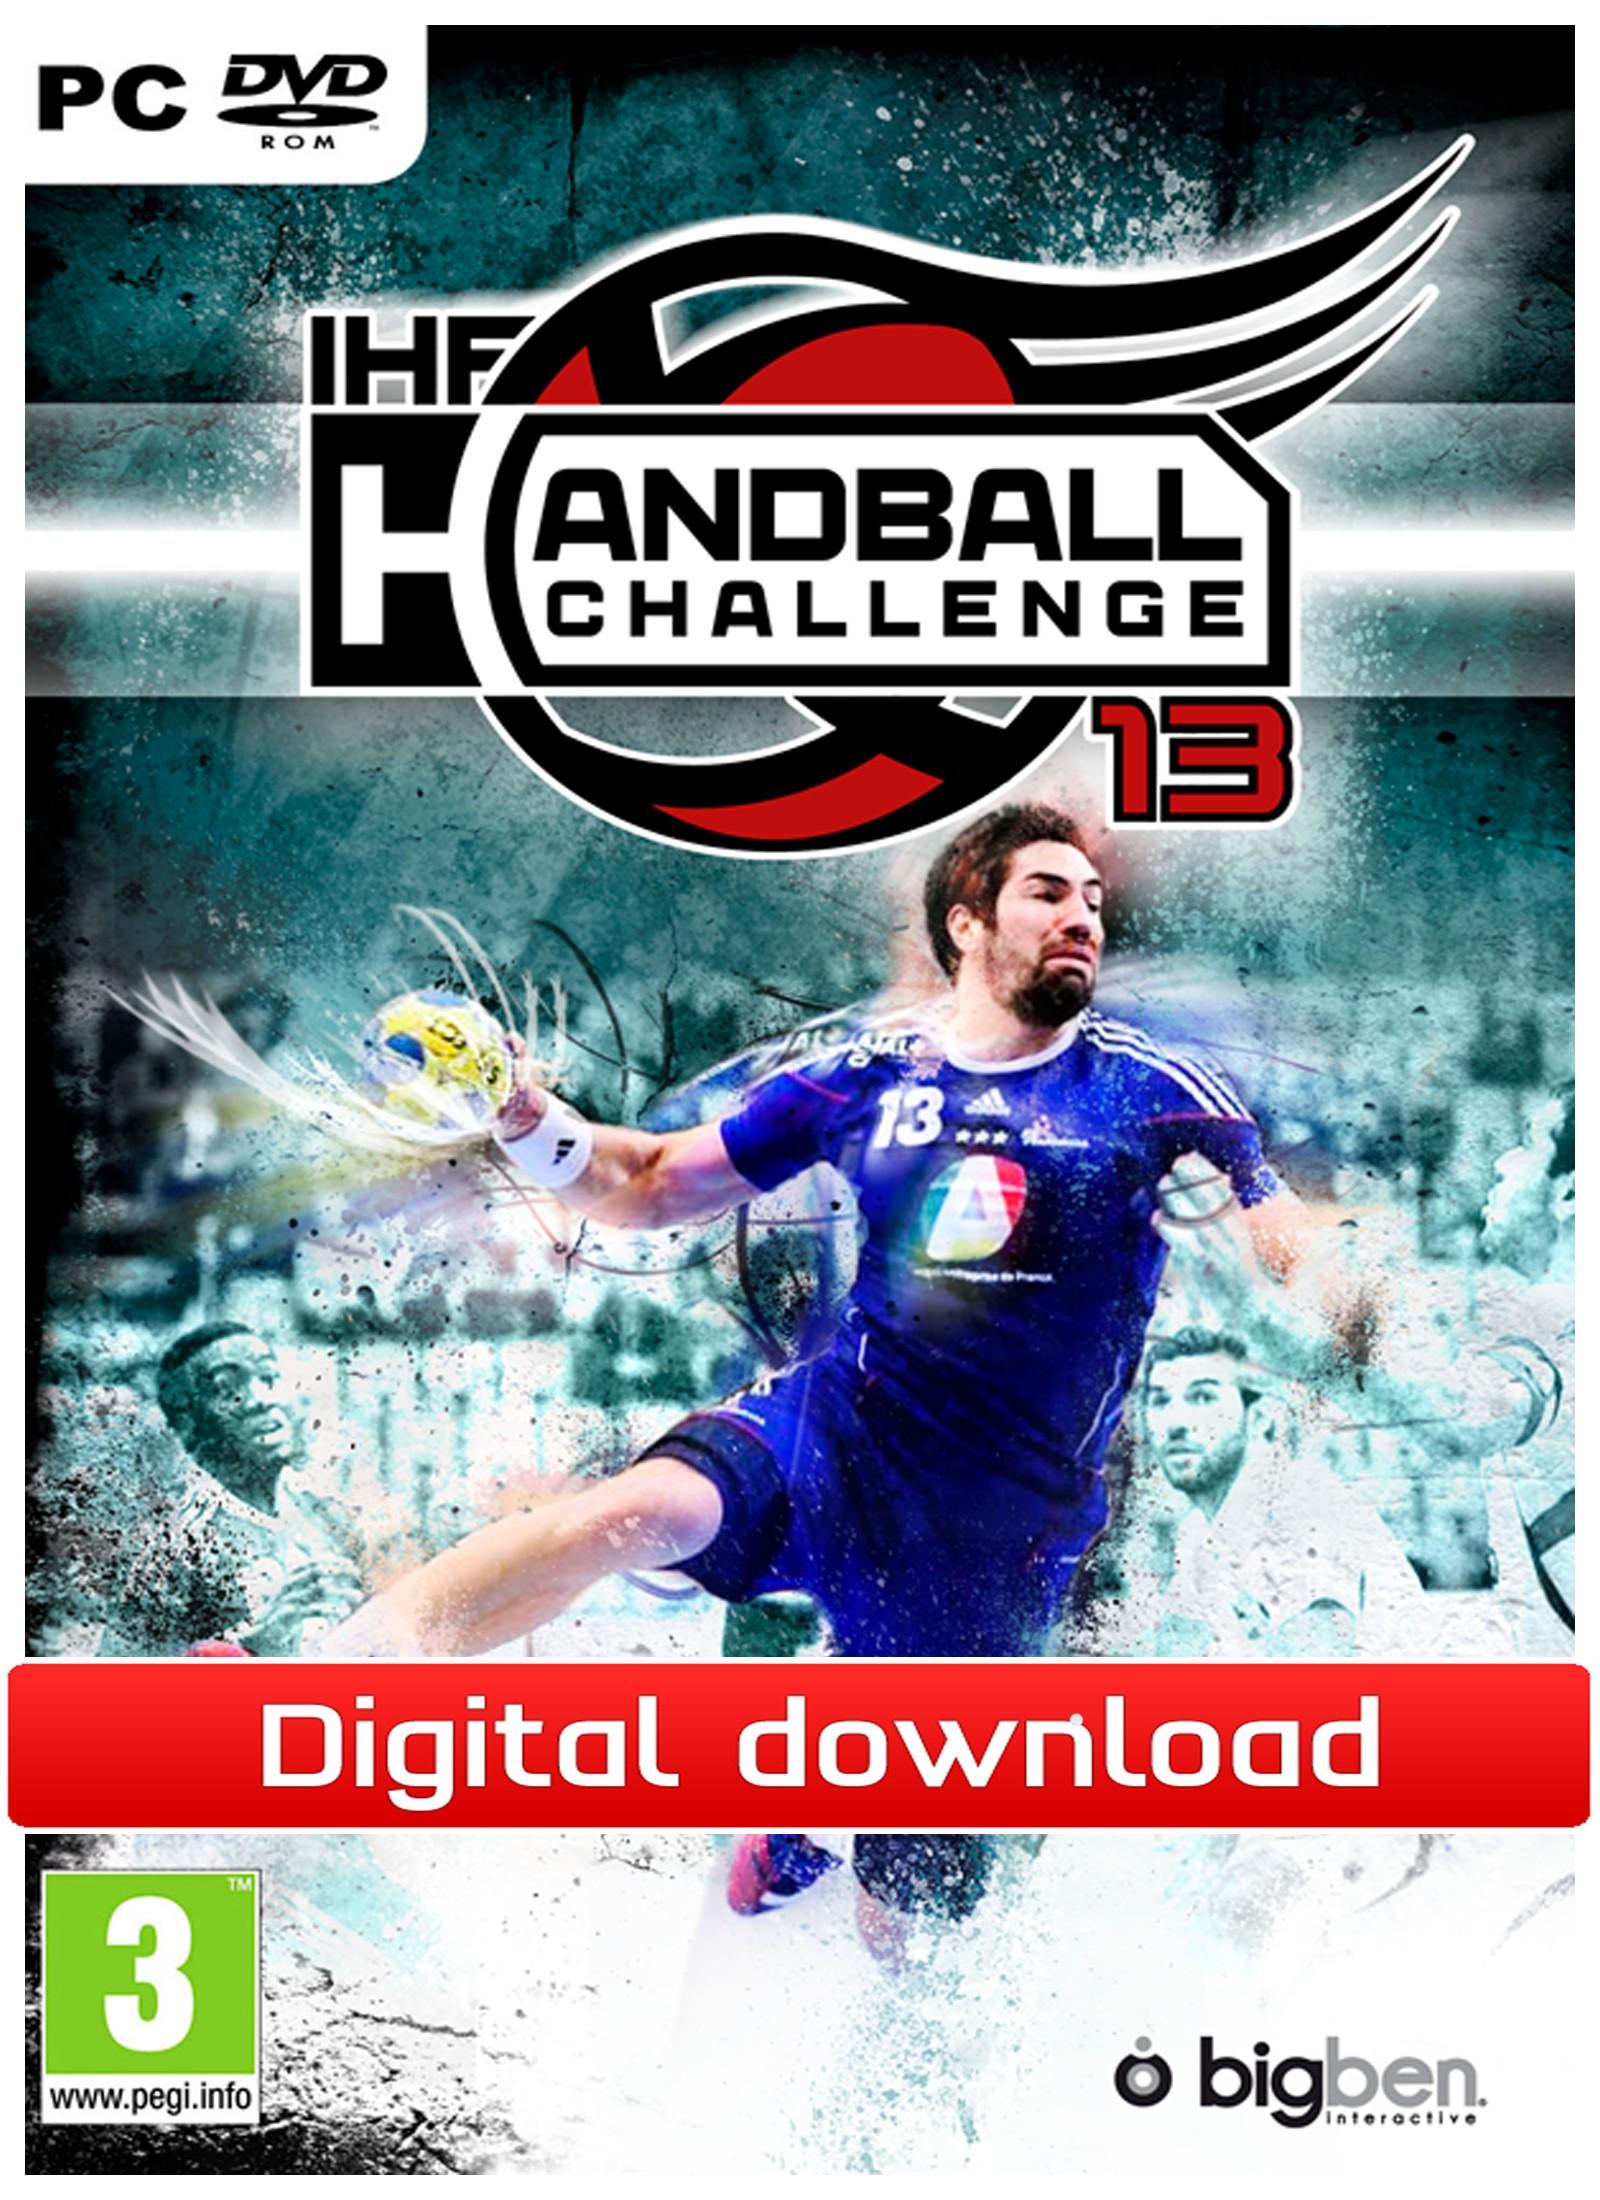 Handball Challenge 2013 (PC nedlastning) PCDD30737